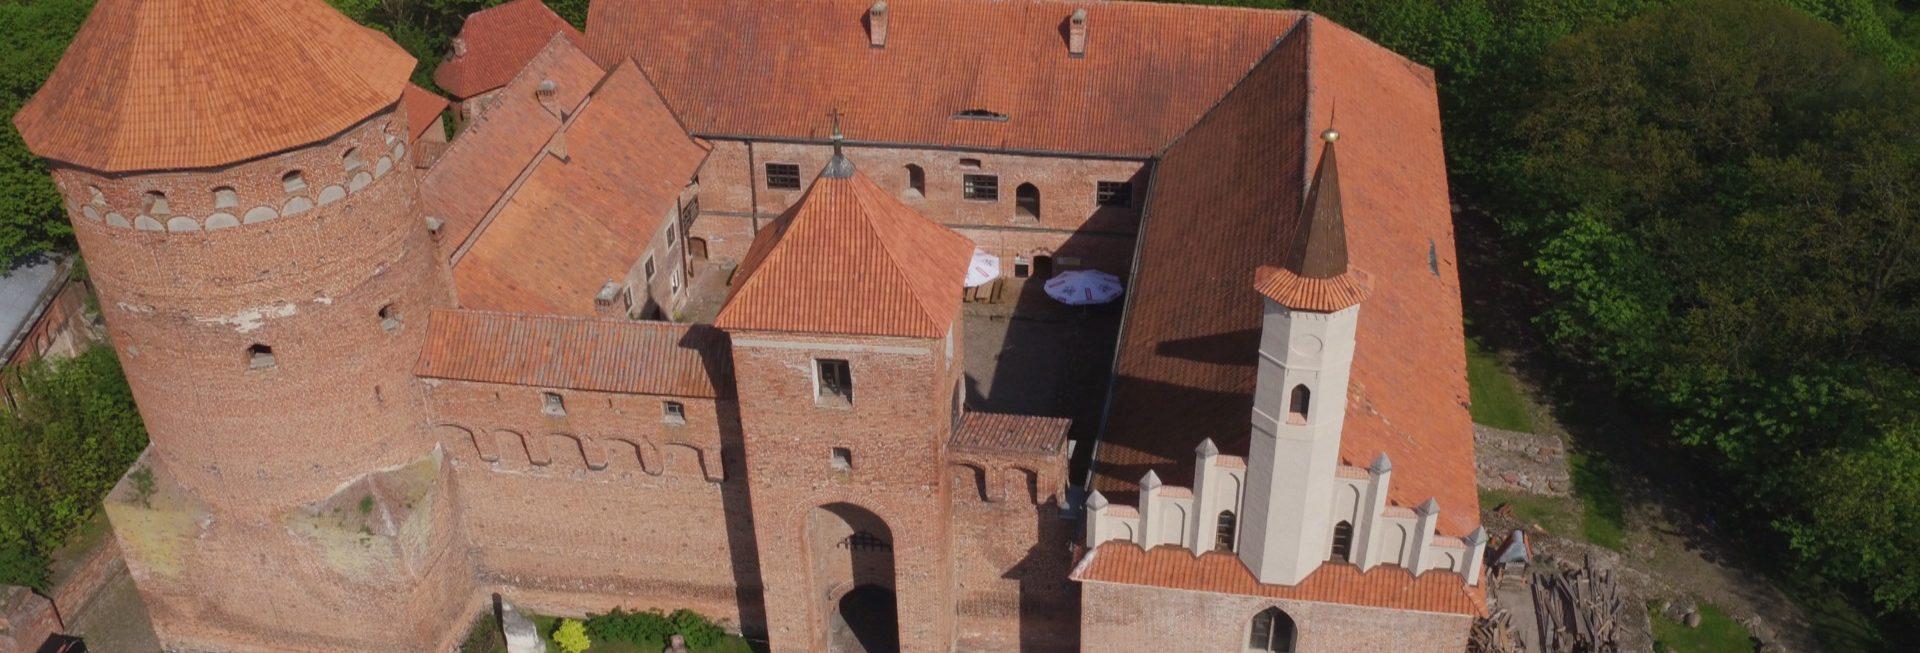 Zamek w Reszlu z lotu ptaka. Na zdjęciu panorama budynku Zamku Reszel zbudowanego z czerwonej cegły. Wokół zamku drzewa.